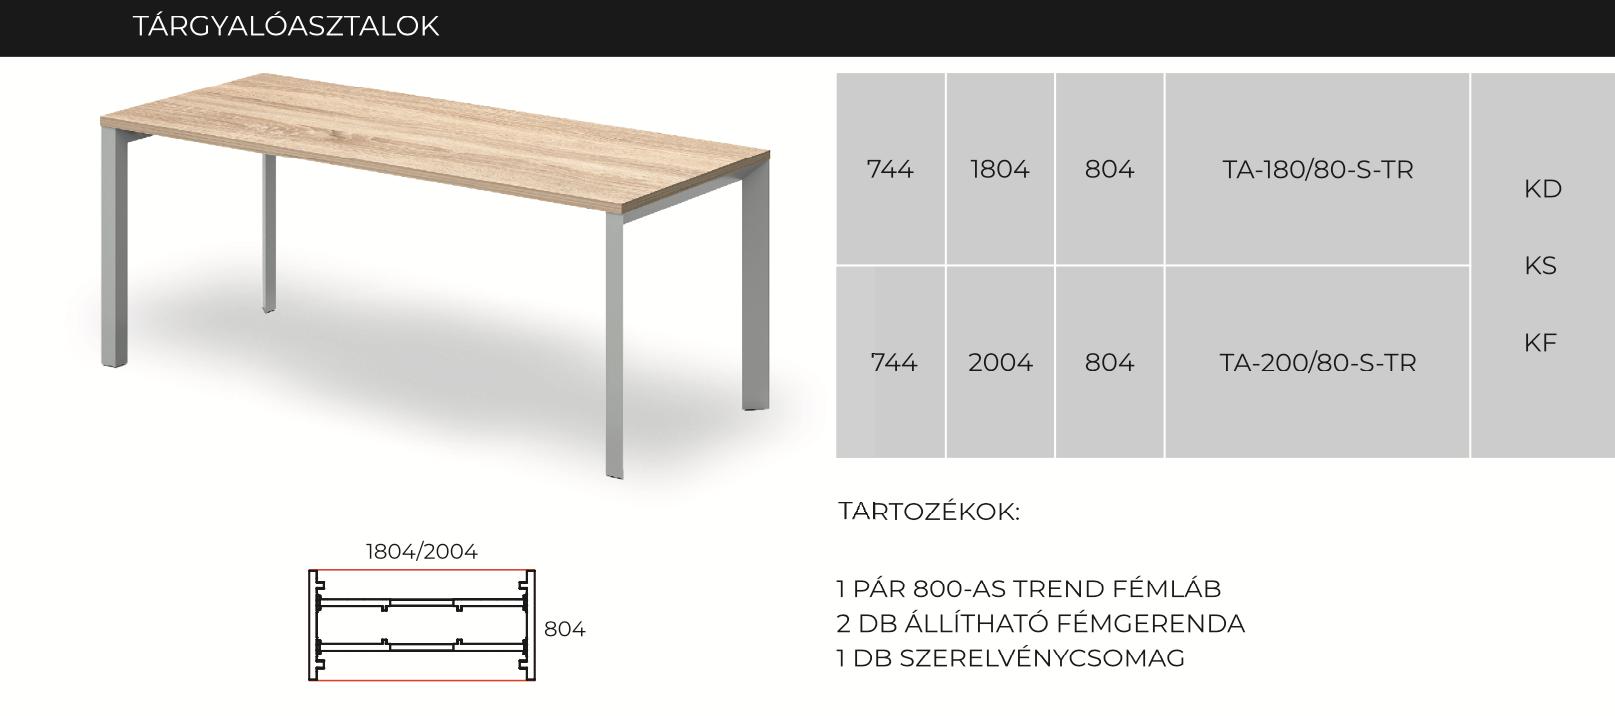 venusz-trend-targyaloasztalok-1